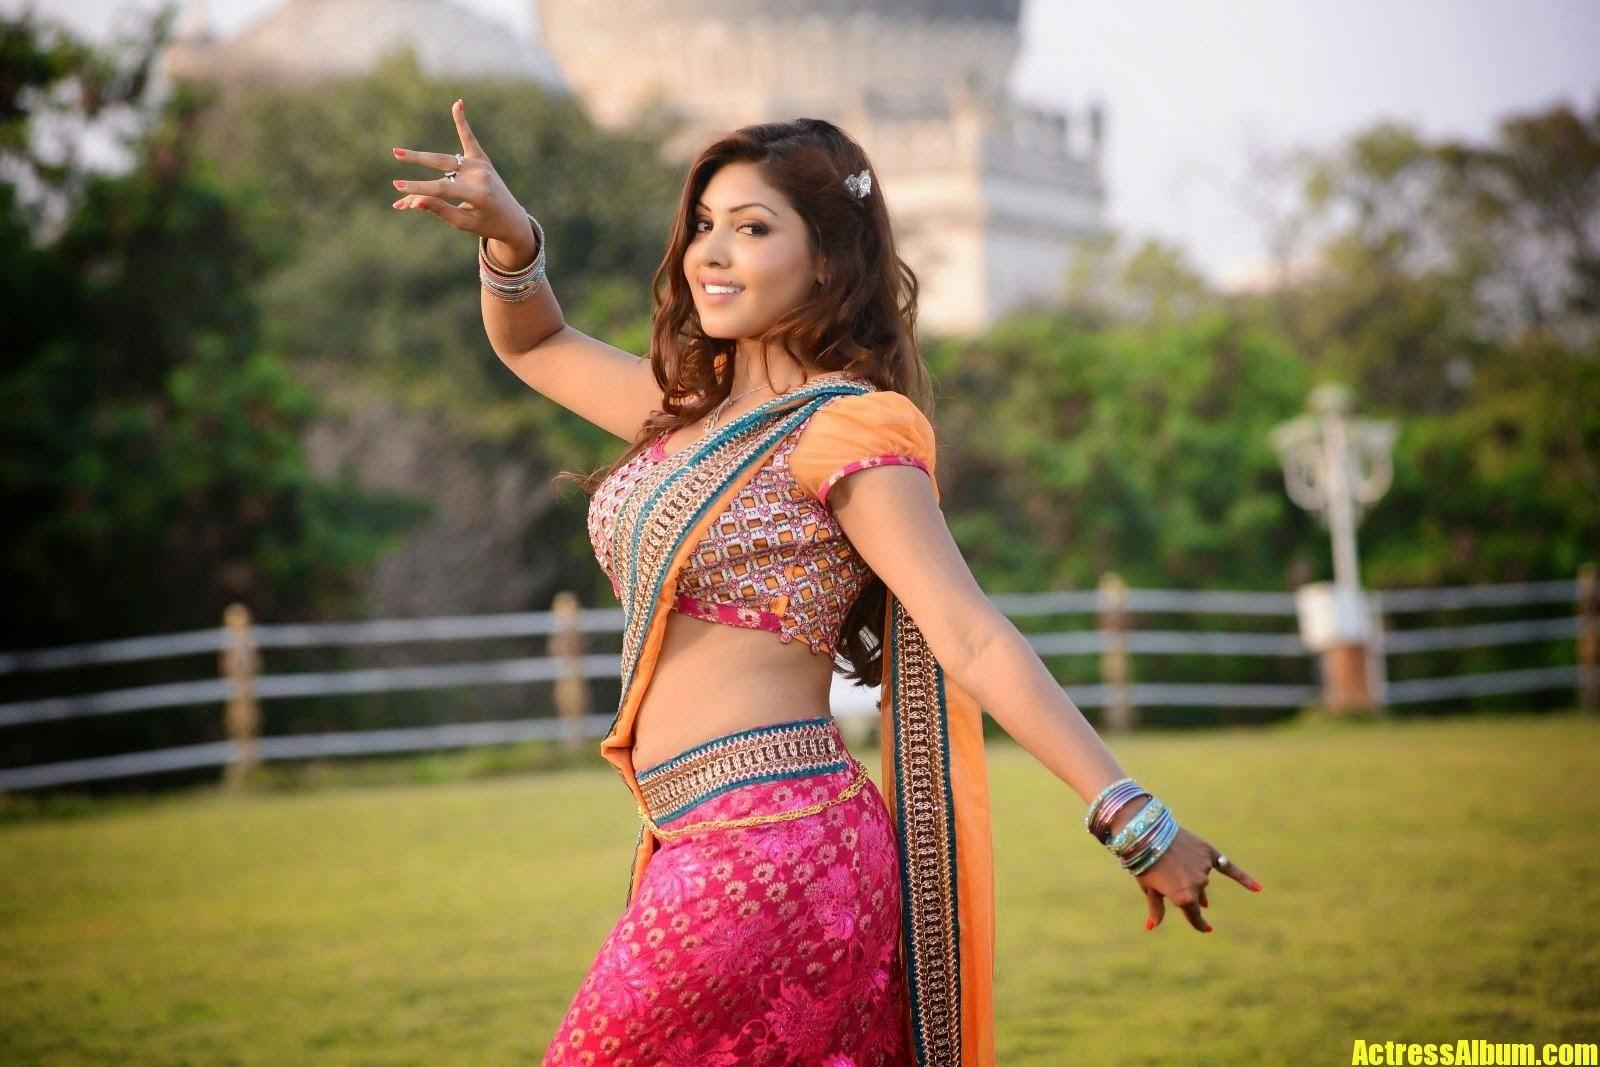 Actress Komal Jha Hot In Saree And Side View Pics